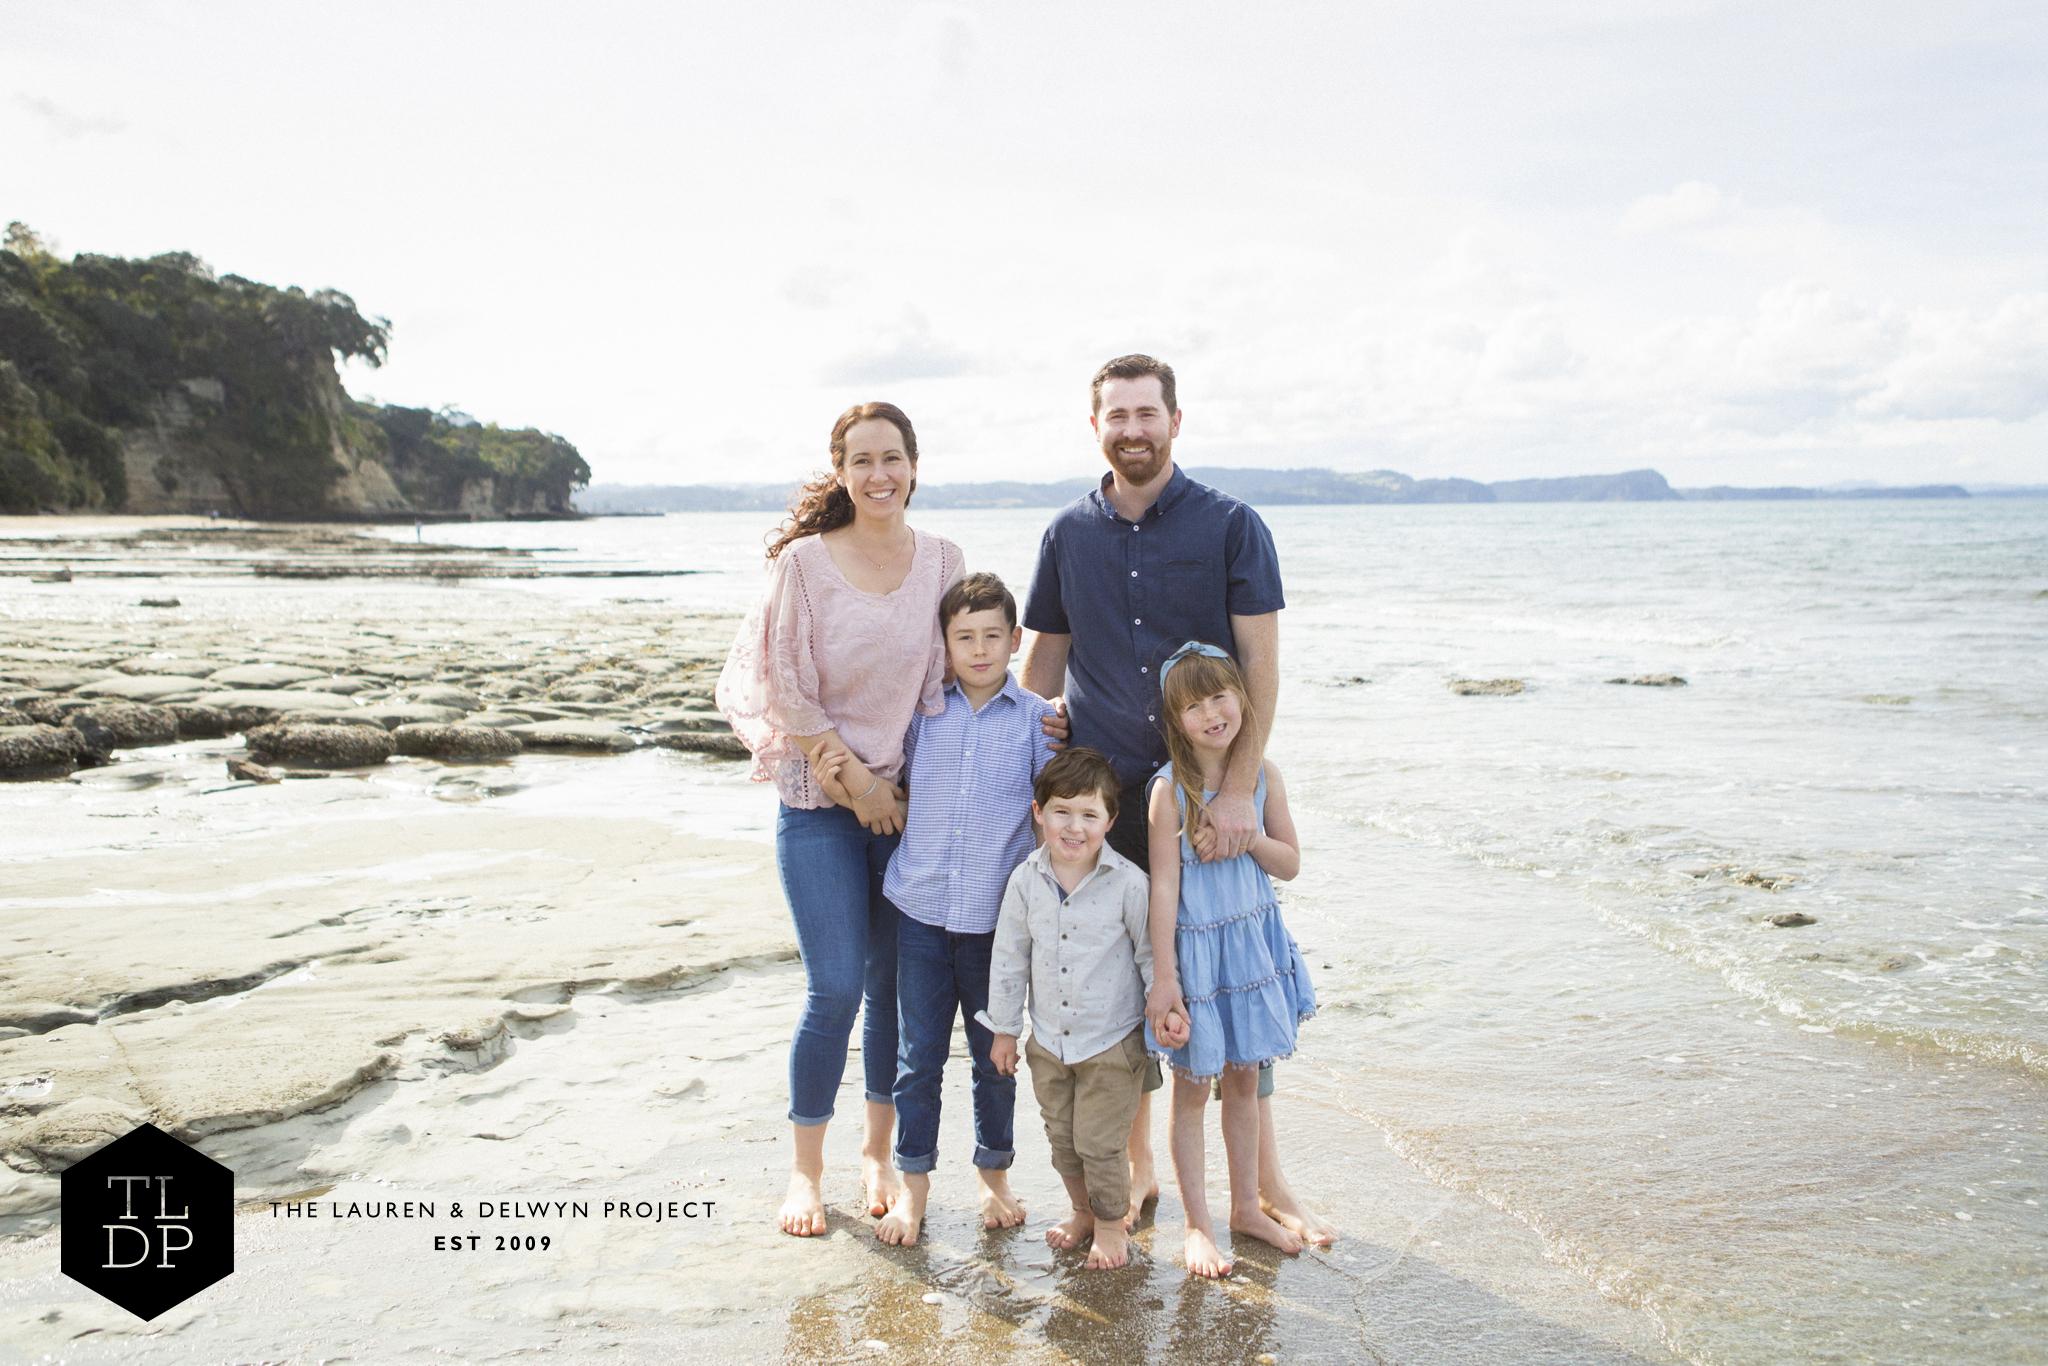 family-photo-from-delwyn.jpg